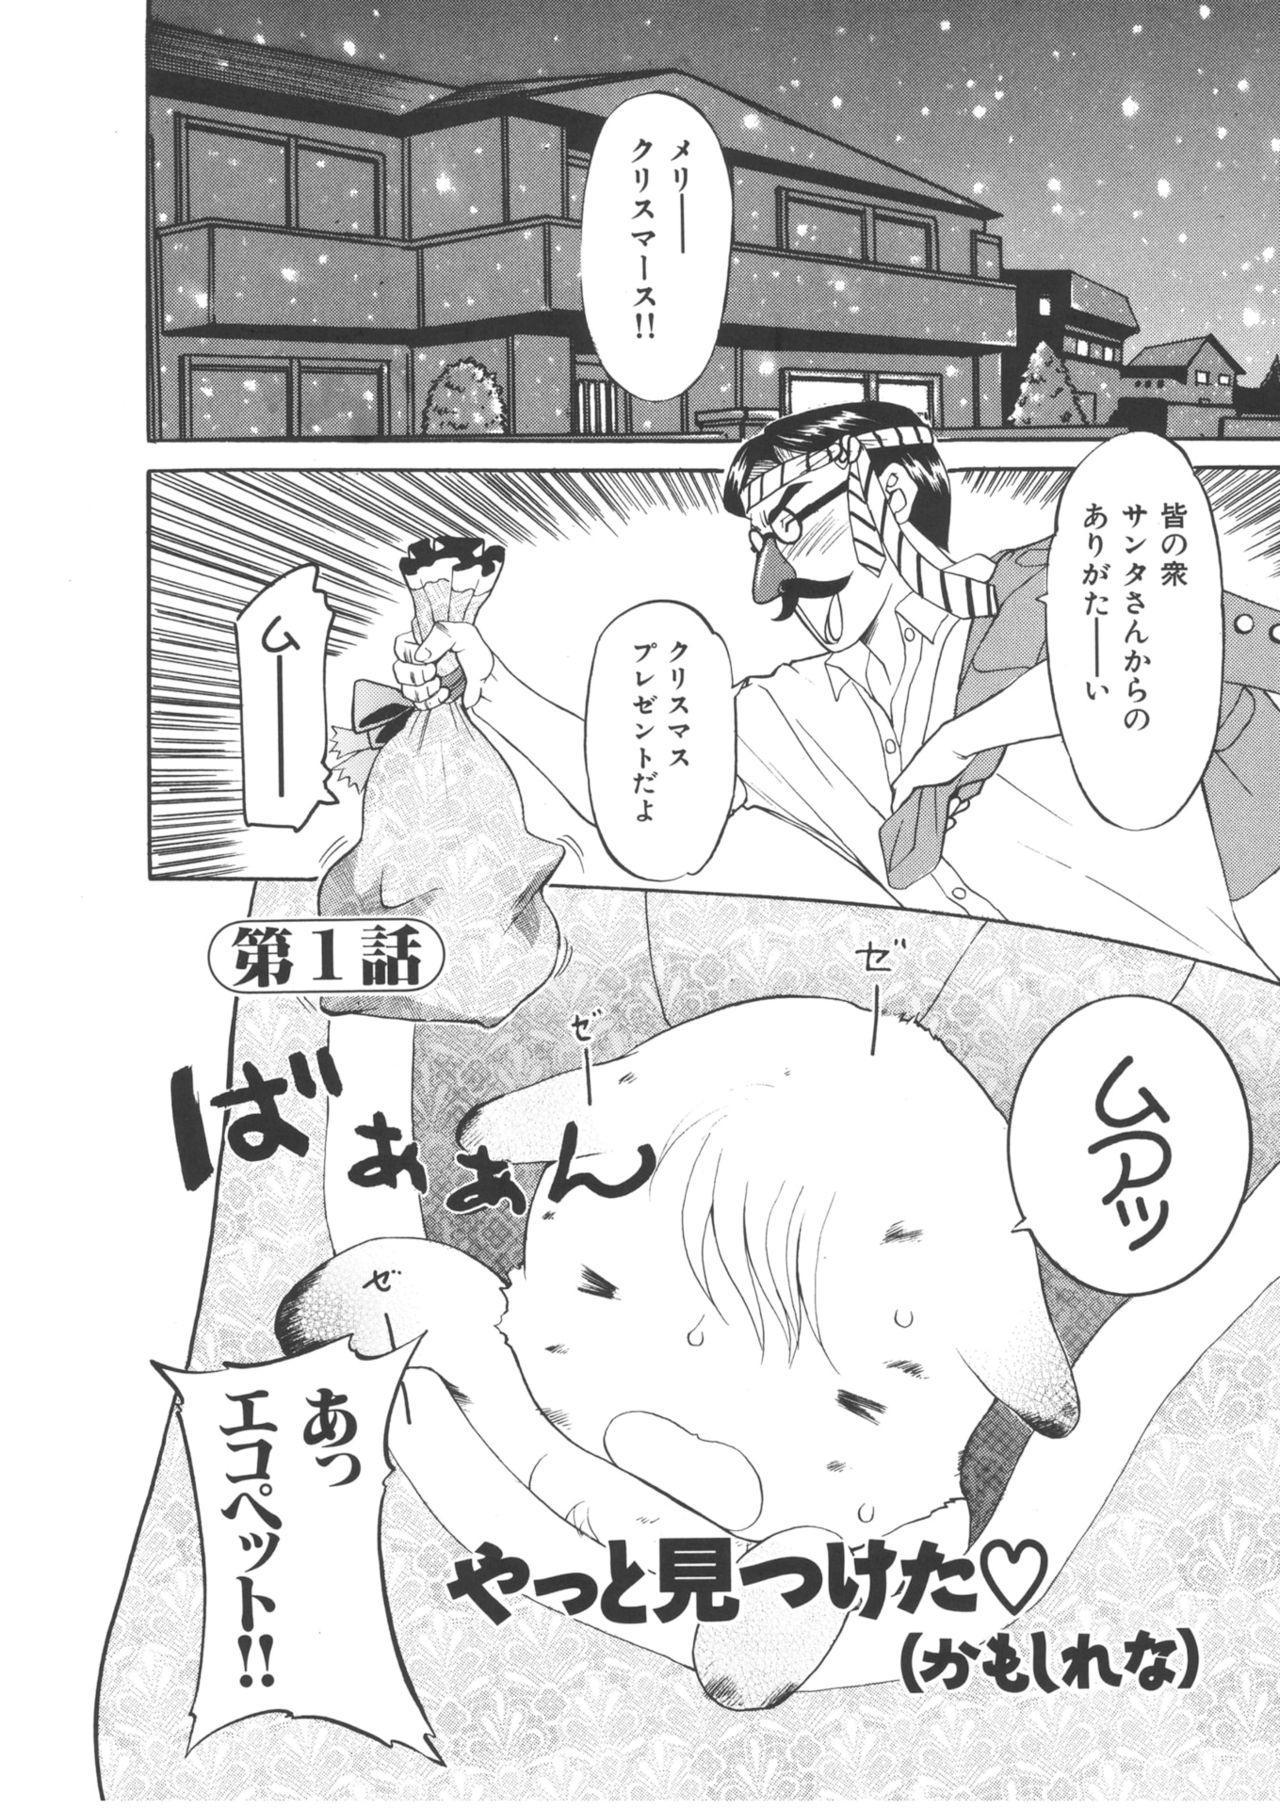 COMIC Kairakuten 25 Shuunen kinen tokubetsugou 67